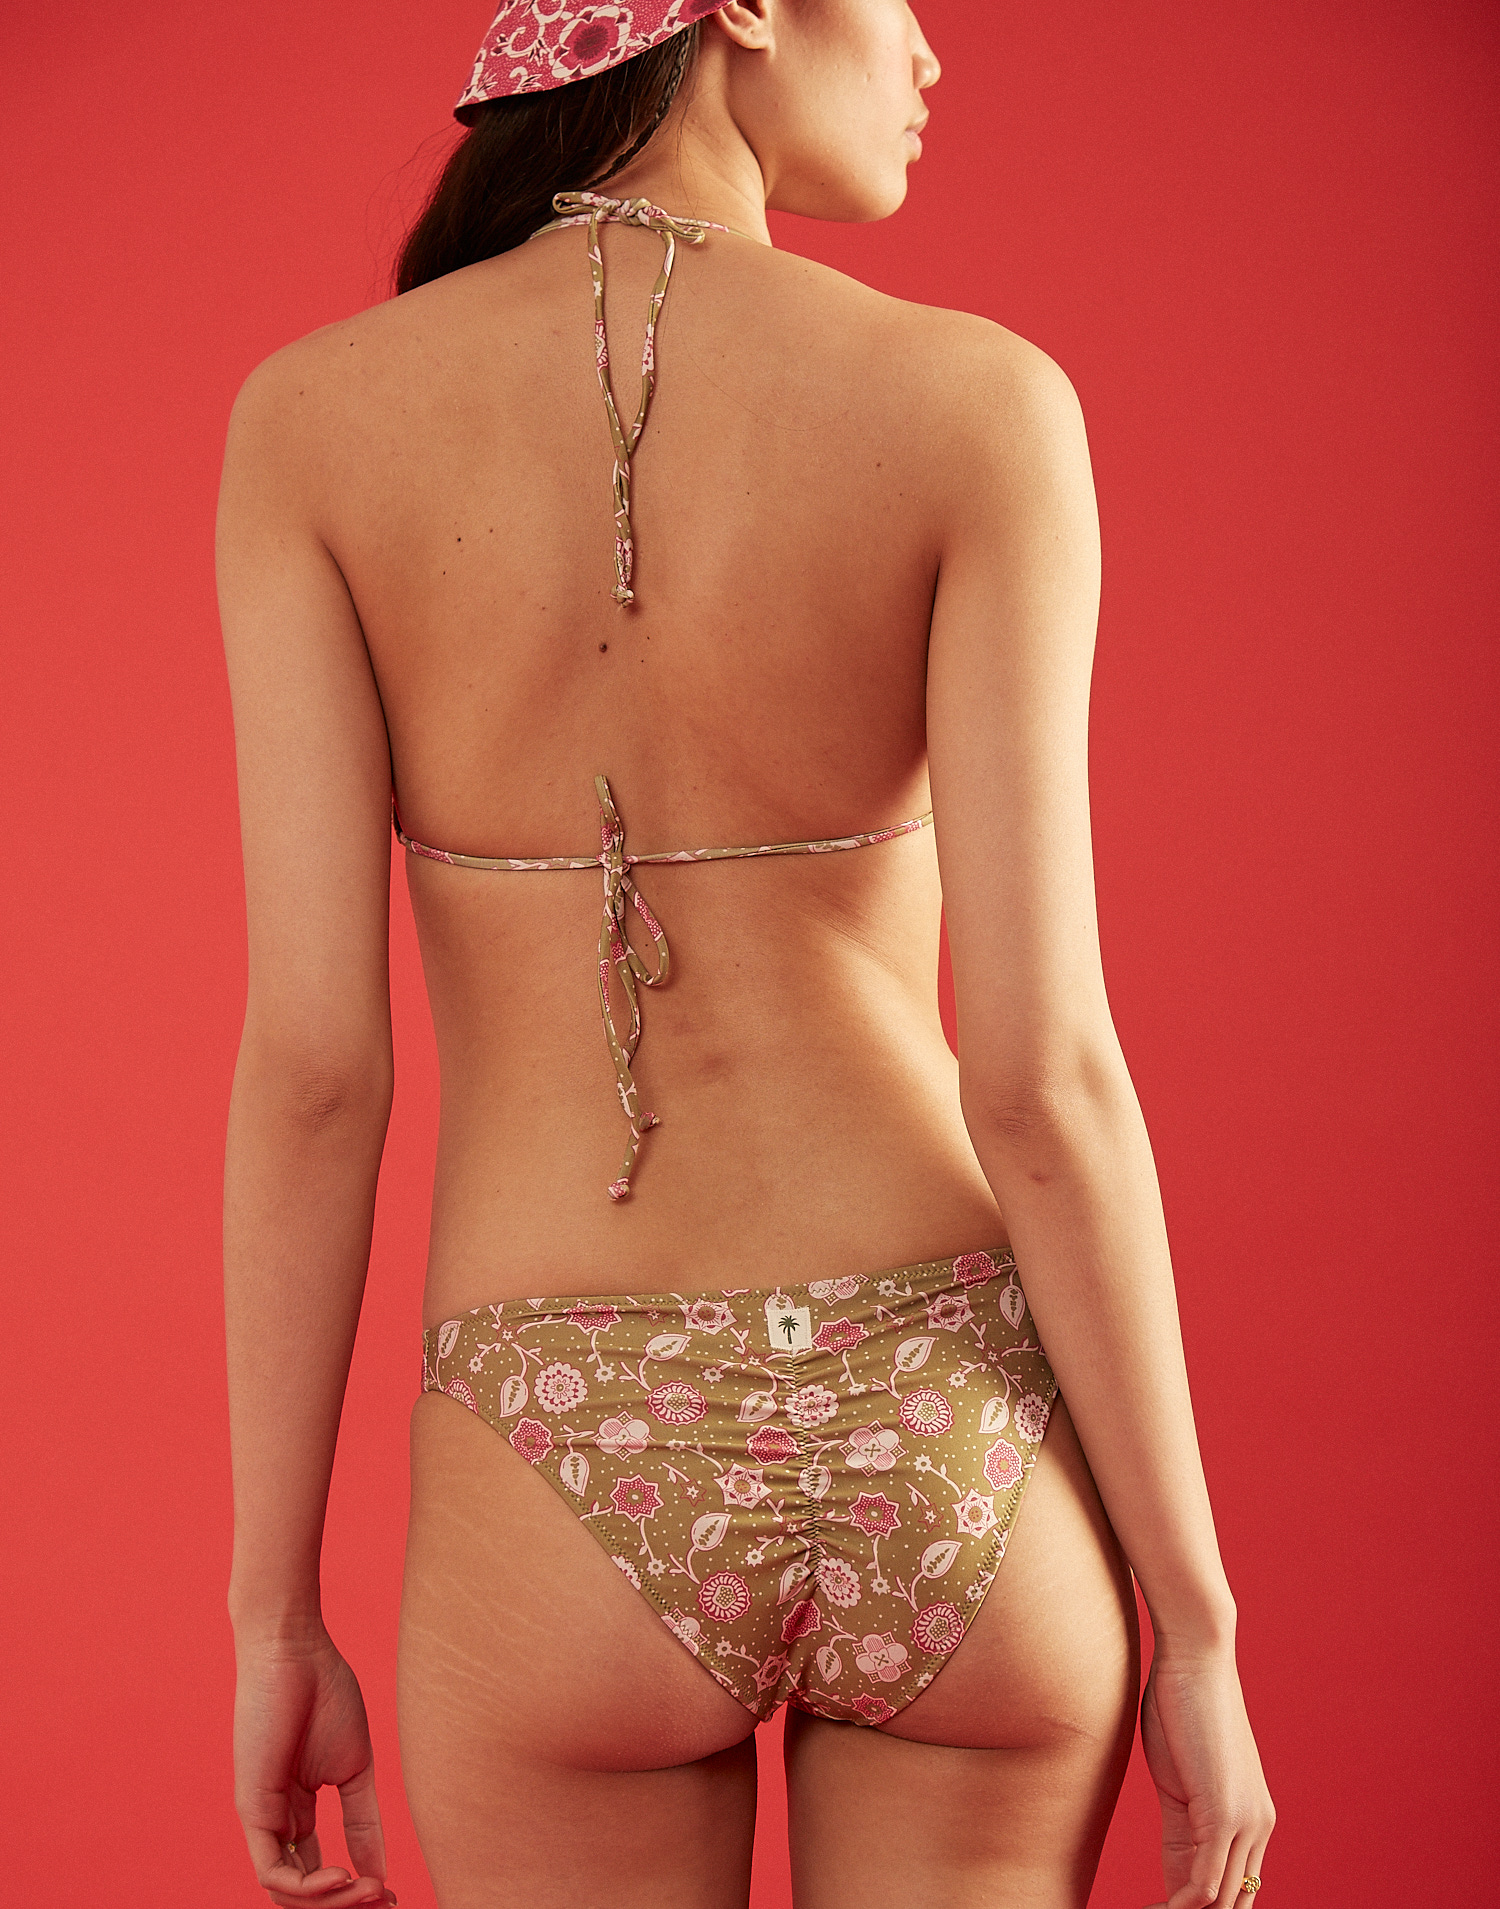 Braga bikini brasileña flor